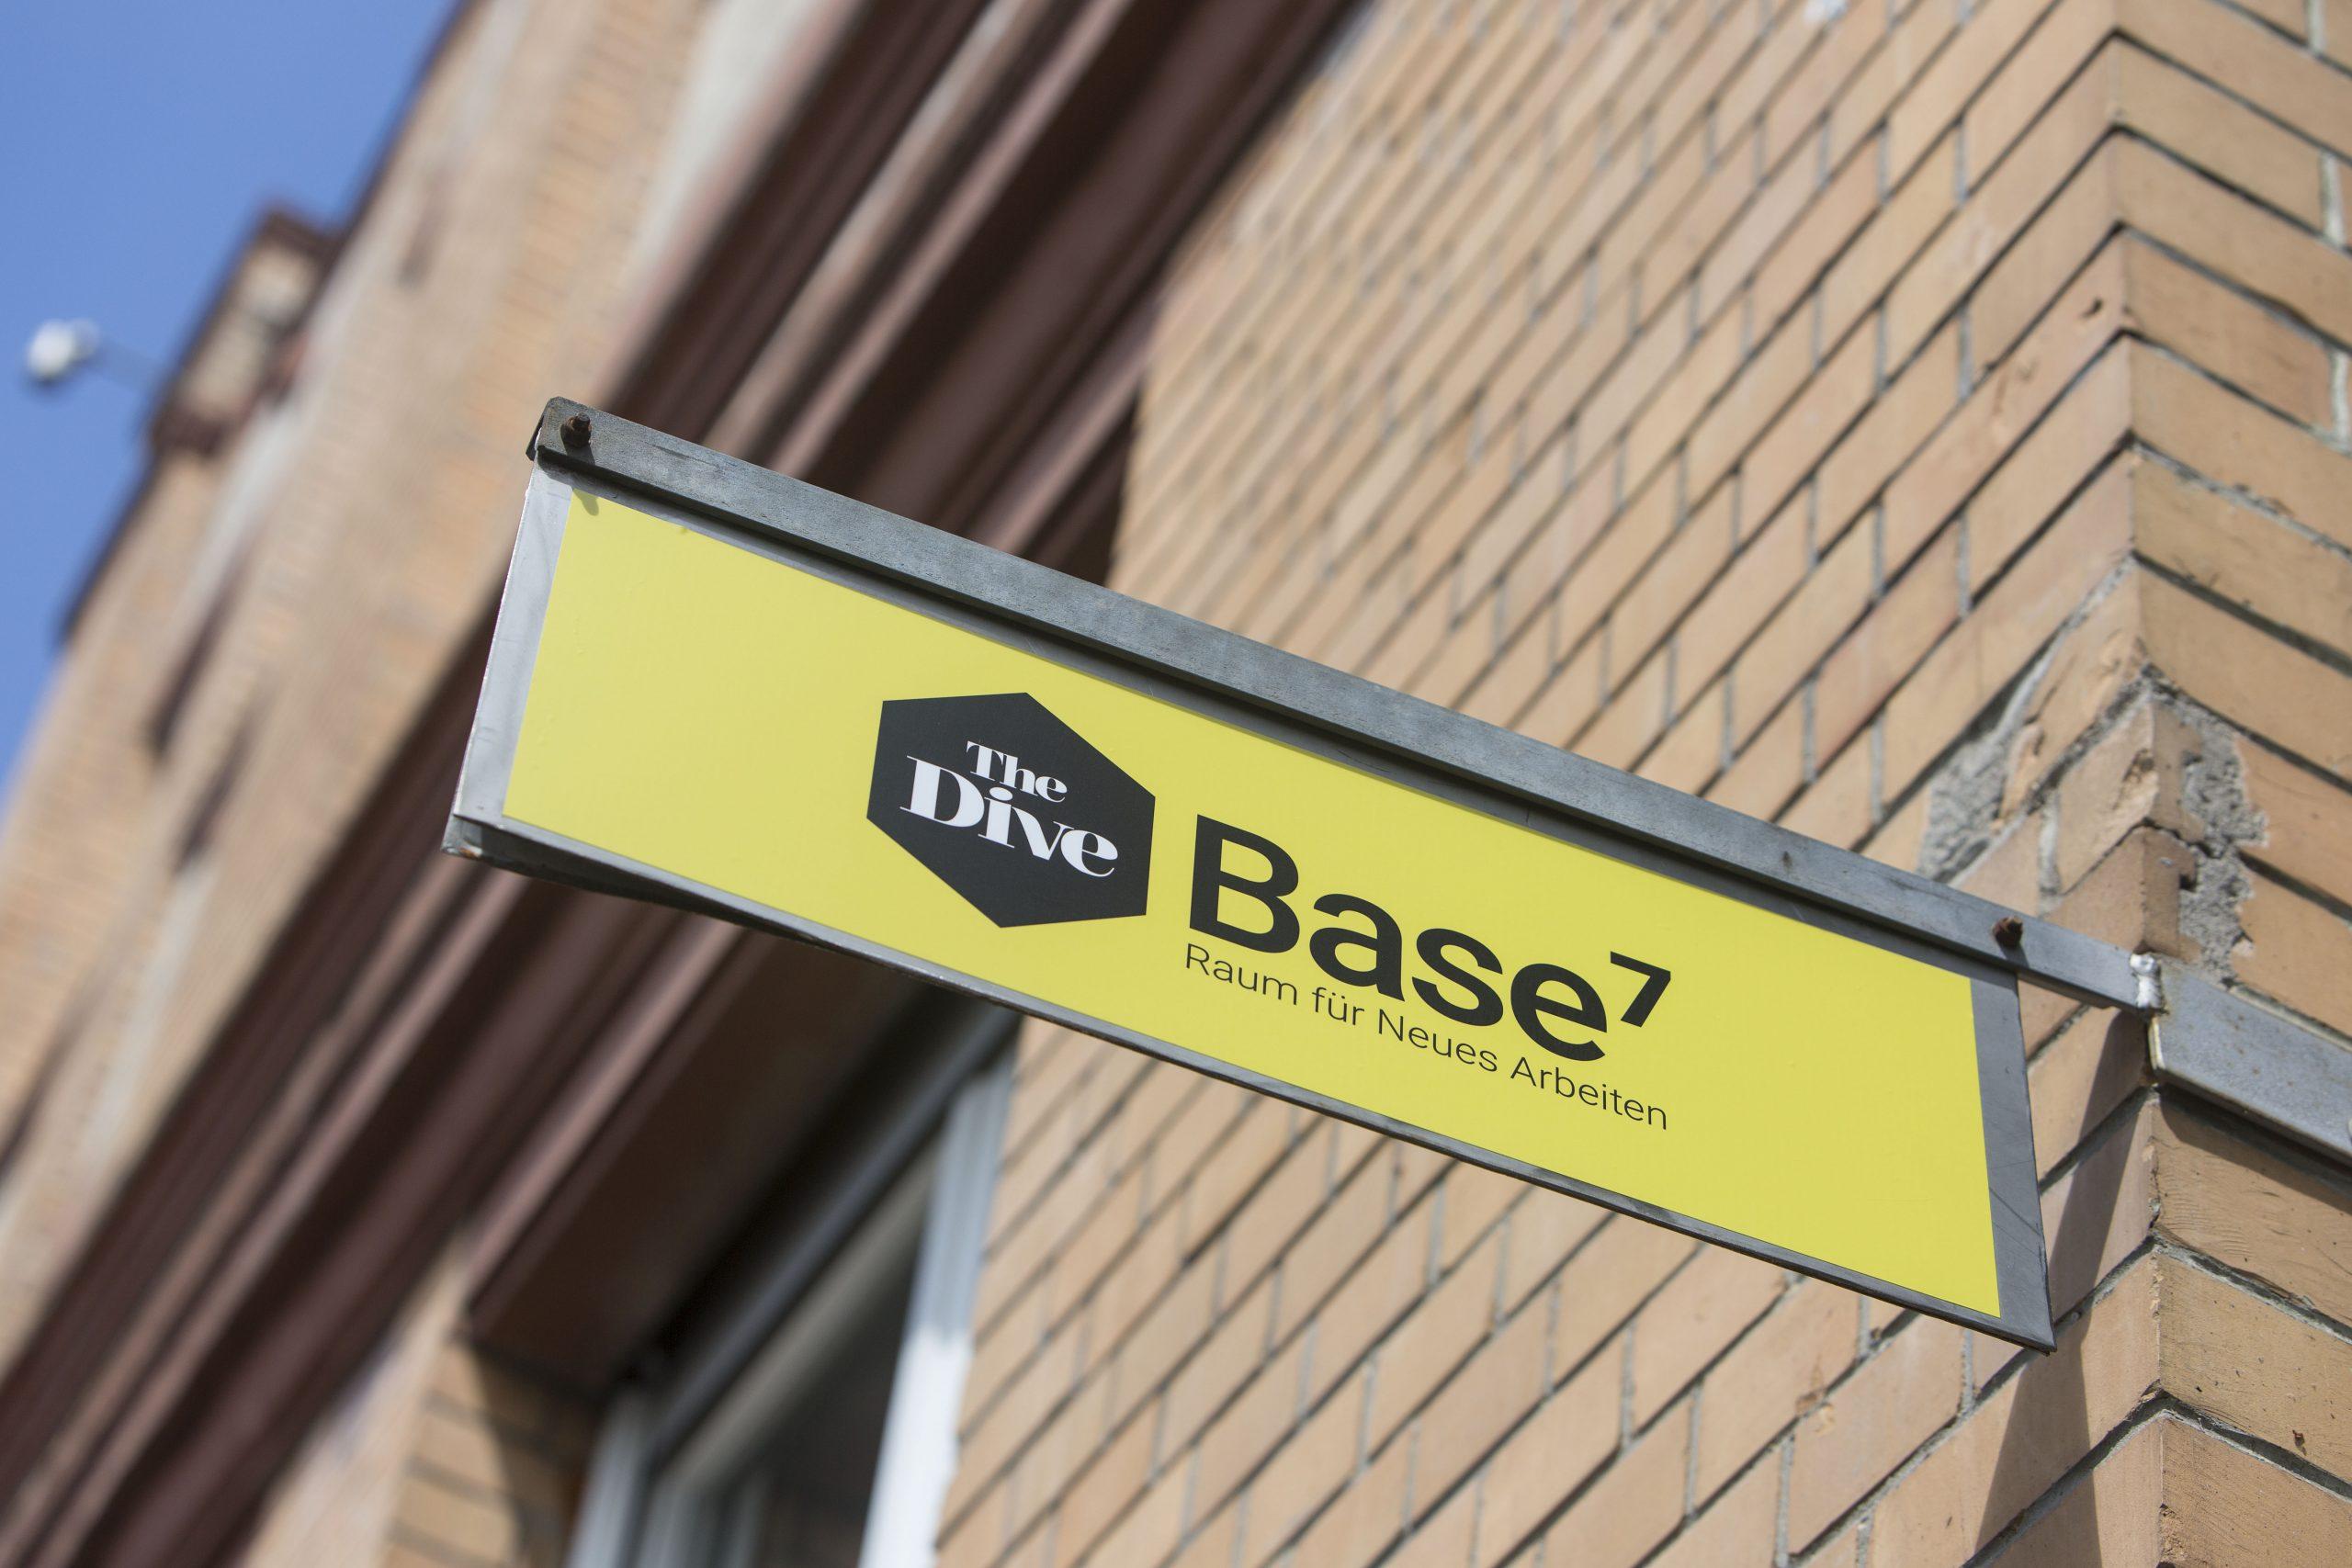 Base 7 Esslingen Eventlocation für kreative DIY-Workshops mit Kati Make It